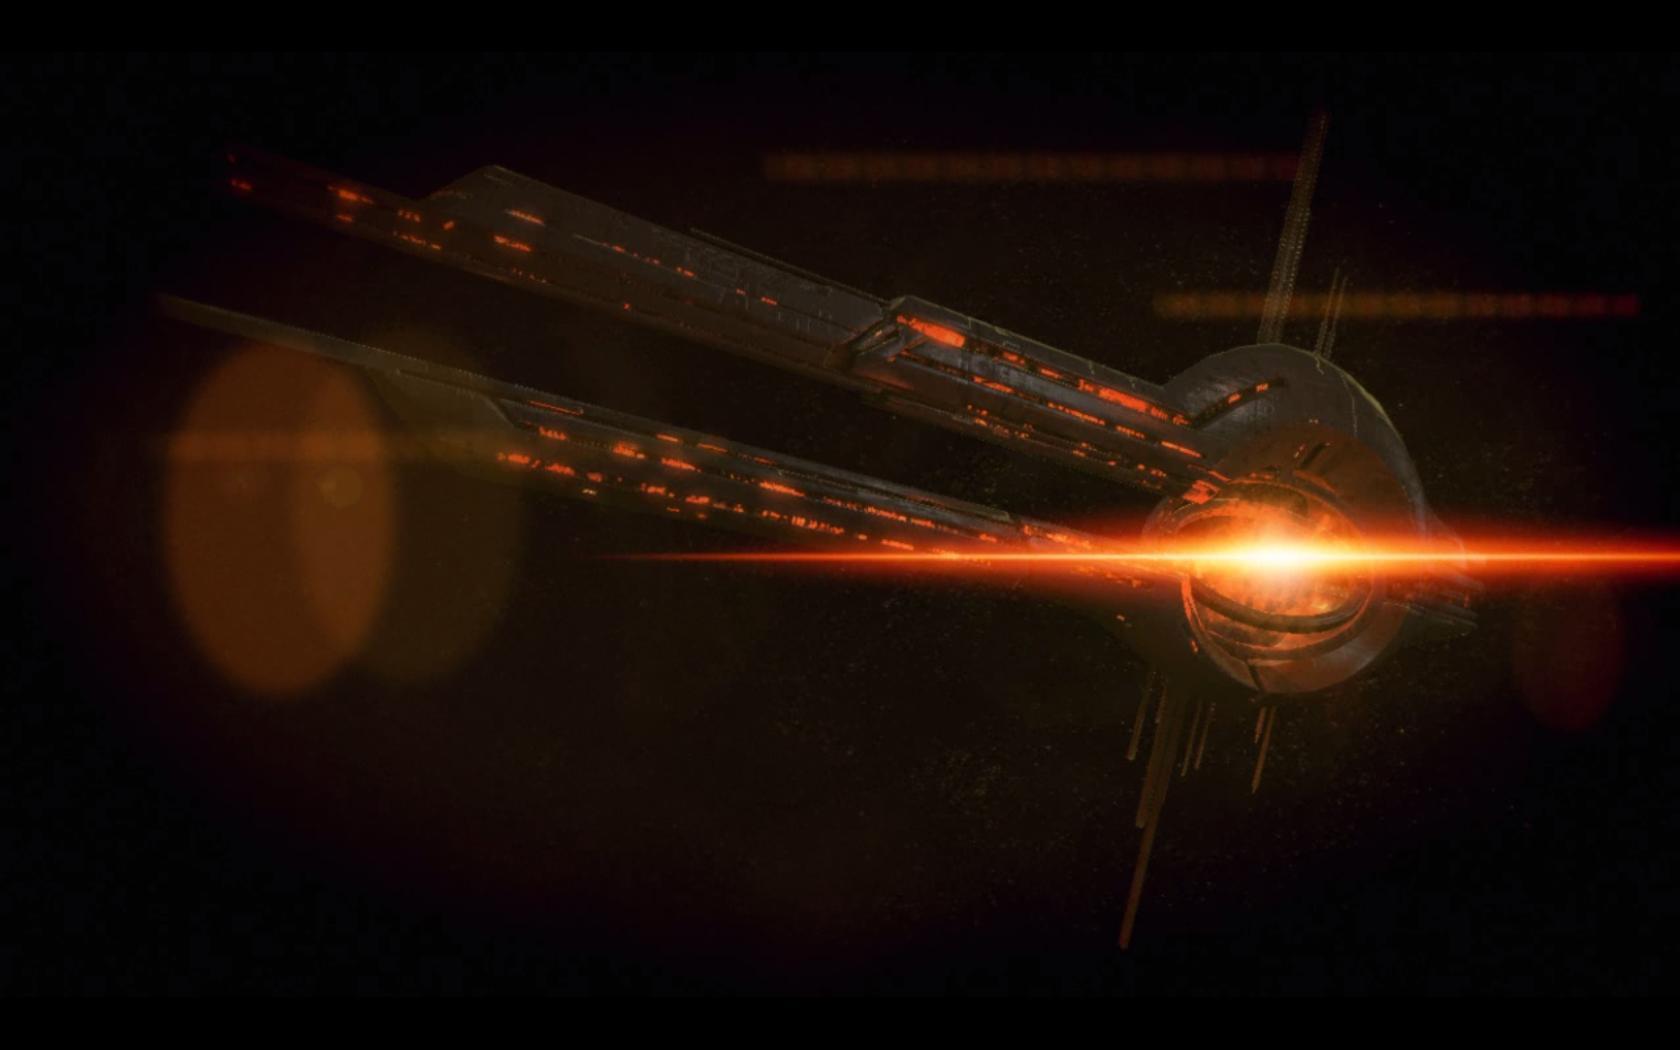 Recenze Mass Effect 2 - RPG snů? 9367